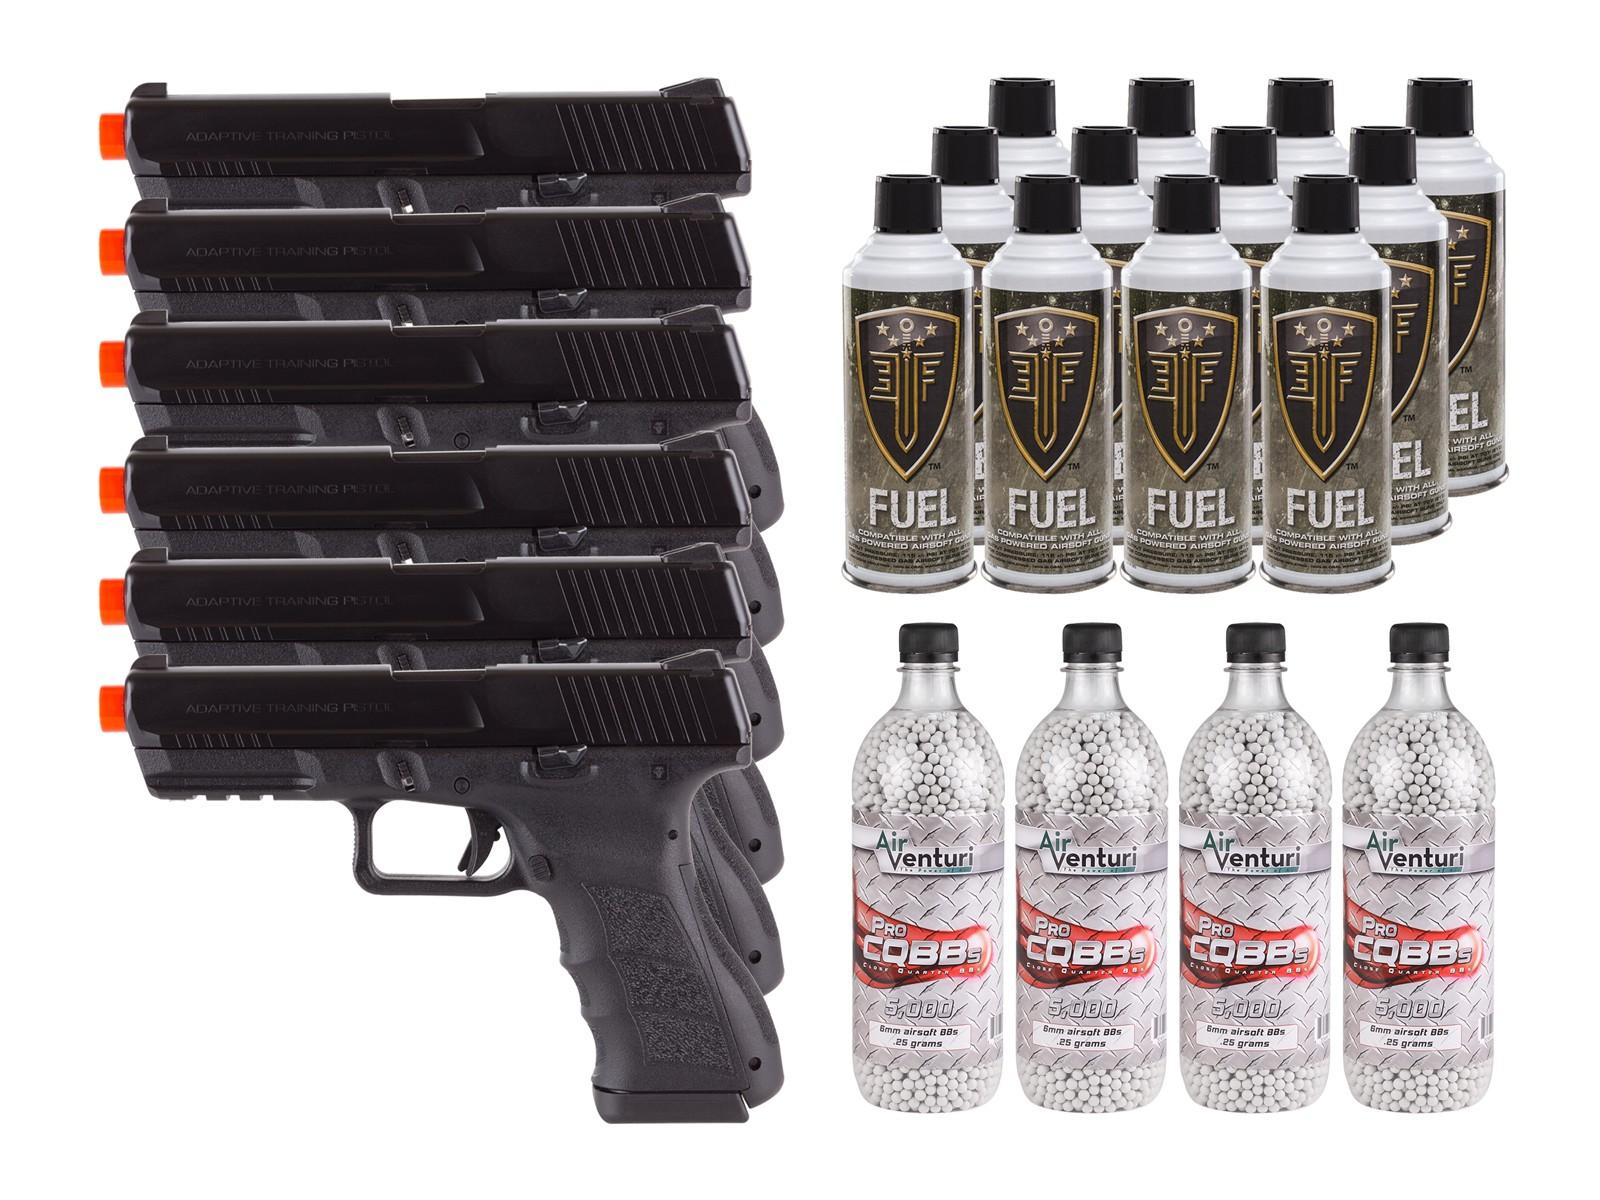 KWA ATP Adaptive Training Airsoft Pistol, 6 Pack